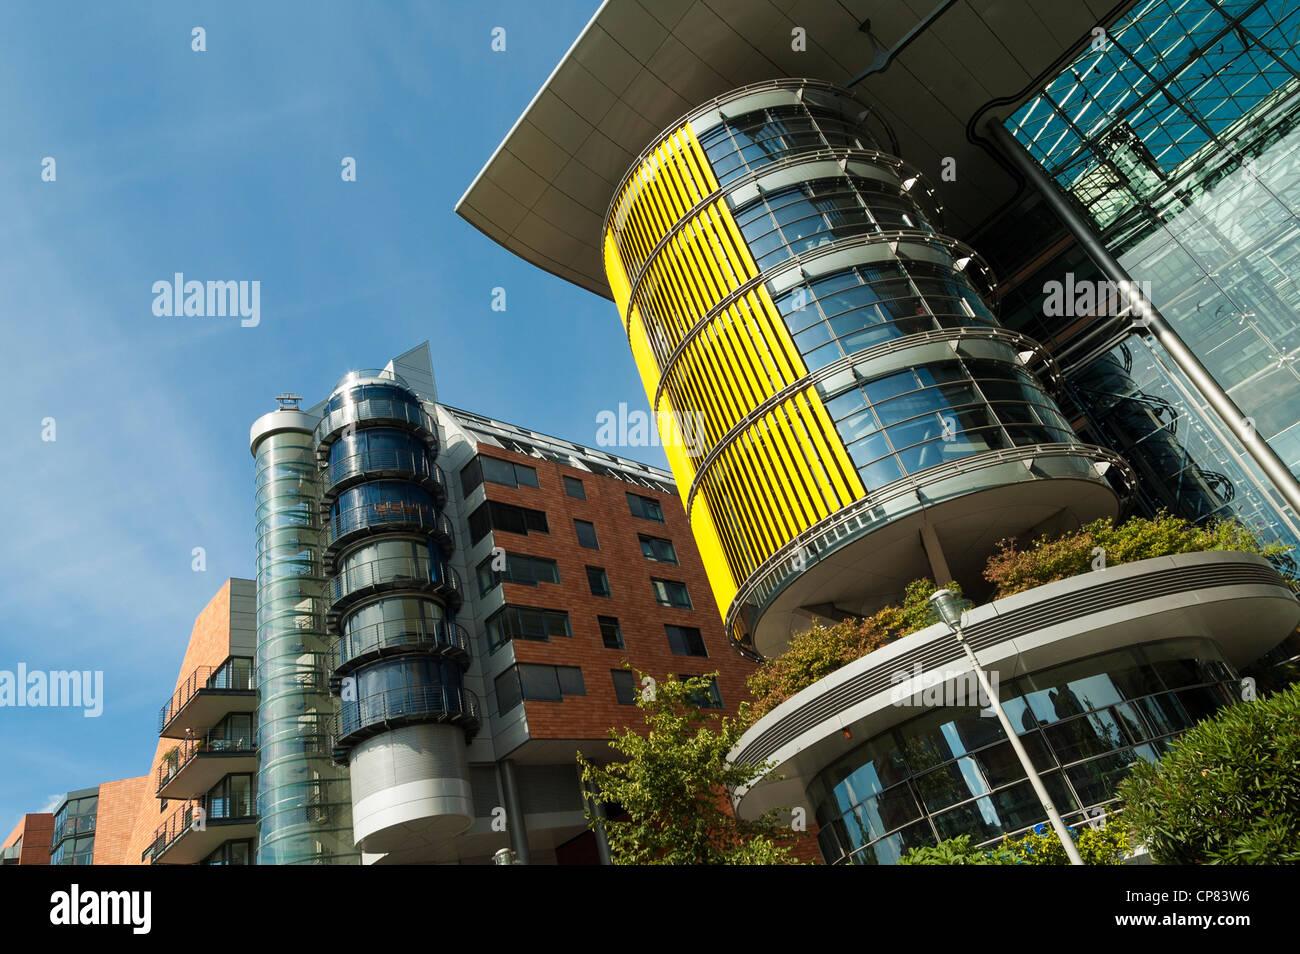 L'architecture moderne de la Daimler les immeubles de bureaux et appartements de la Potsdamer Platz, Berlin, Photo Stock